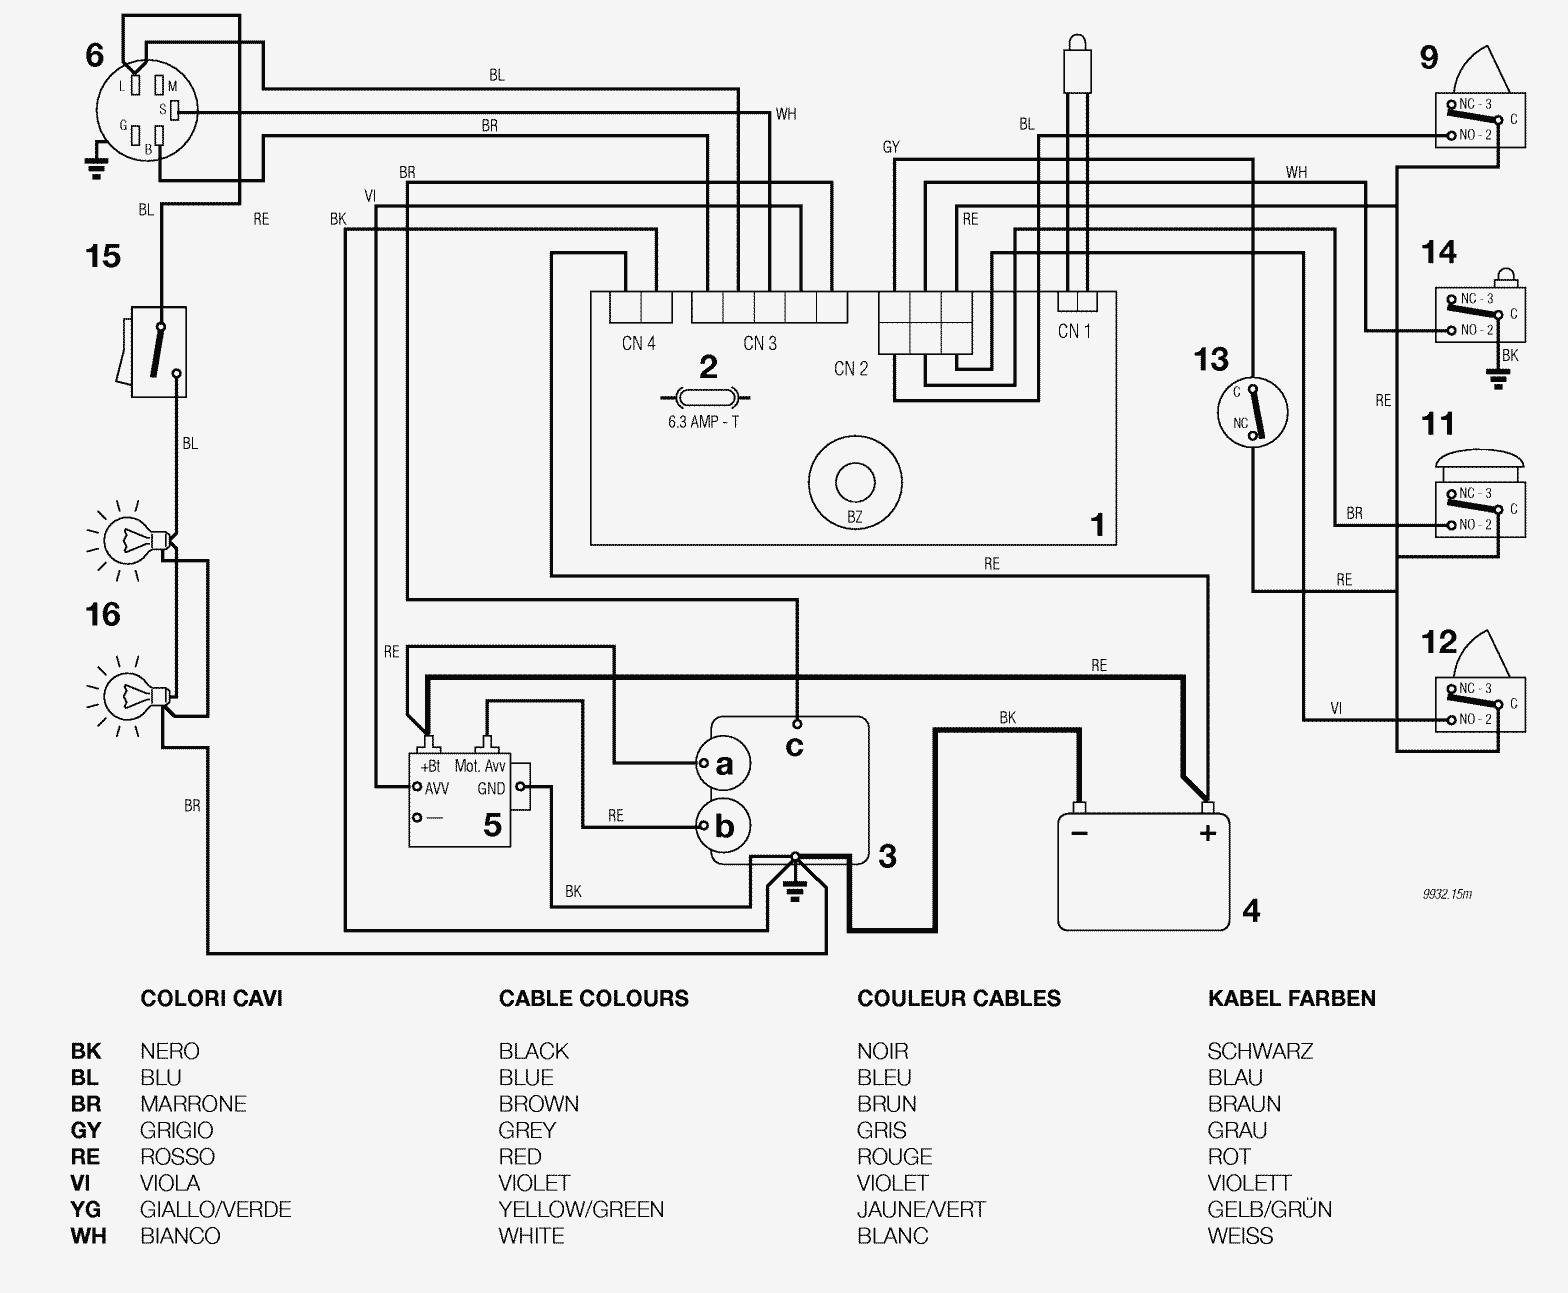 ersatzteillisten f u00fcr solo rasenm u00e4her elektrisches schema